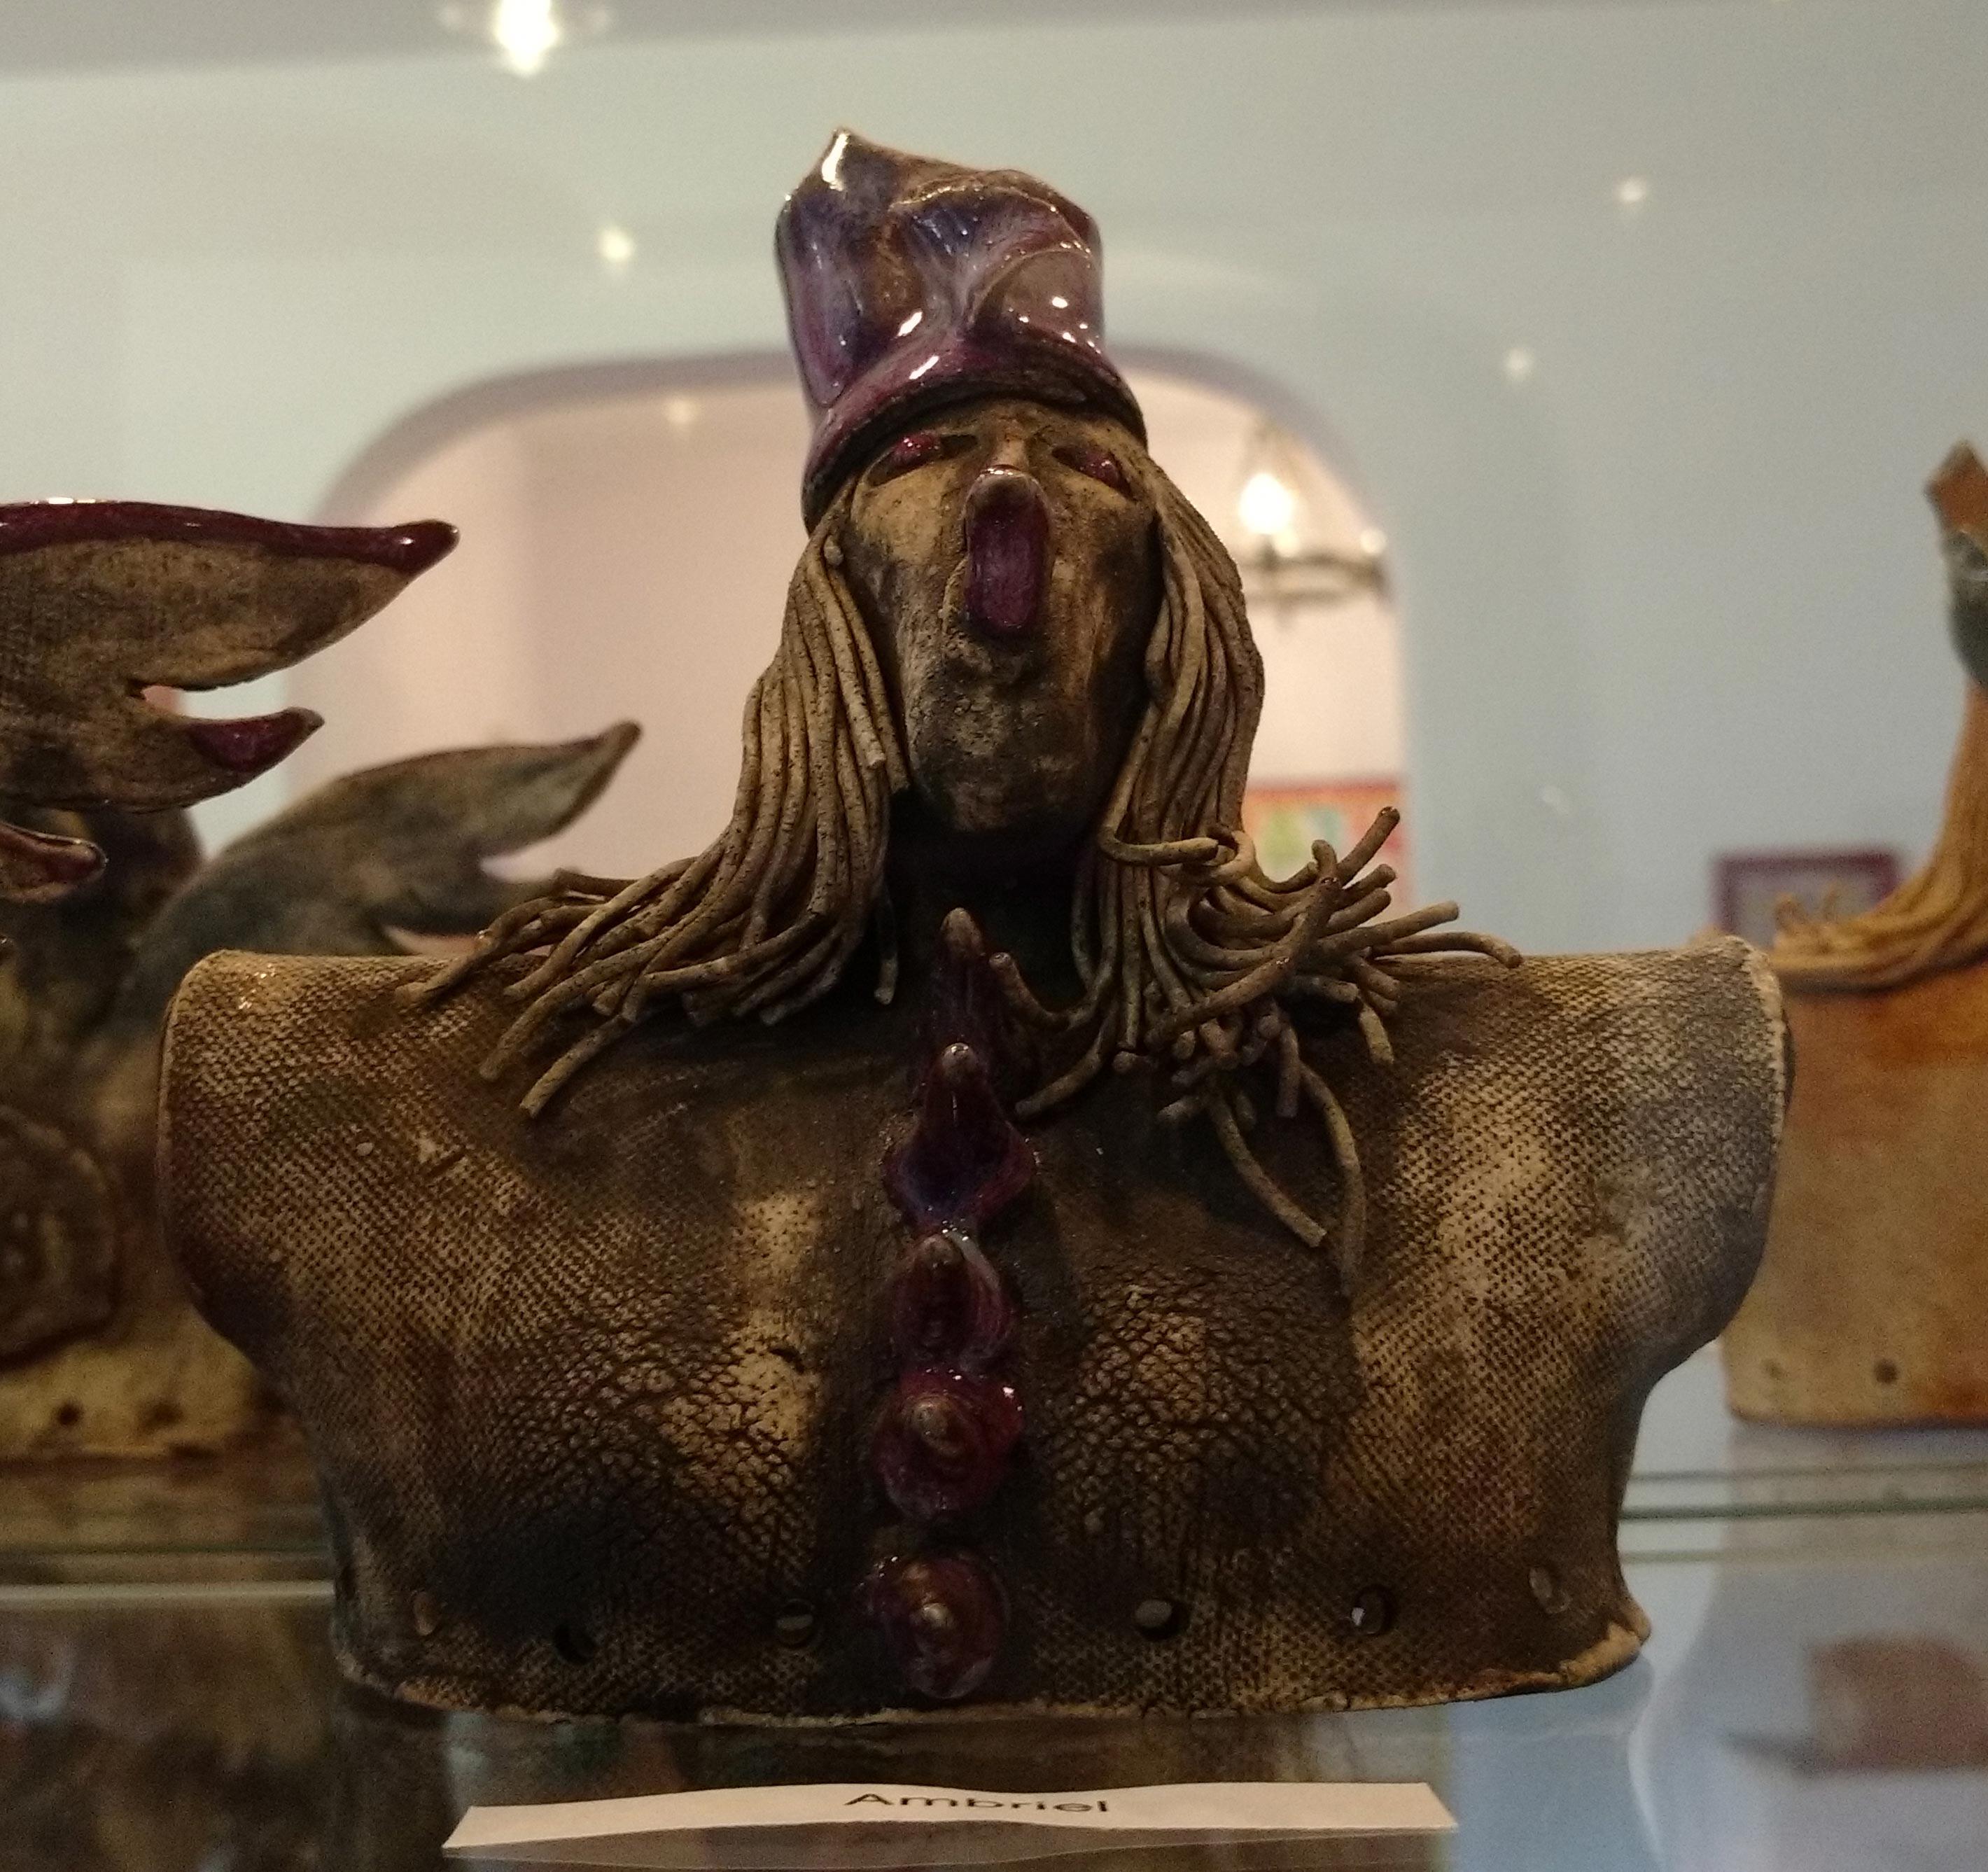 Ceramic Queen by Maria Pia Minichiello